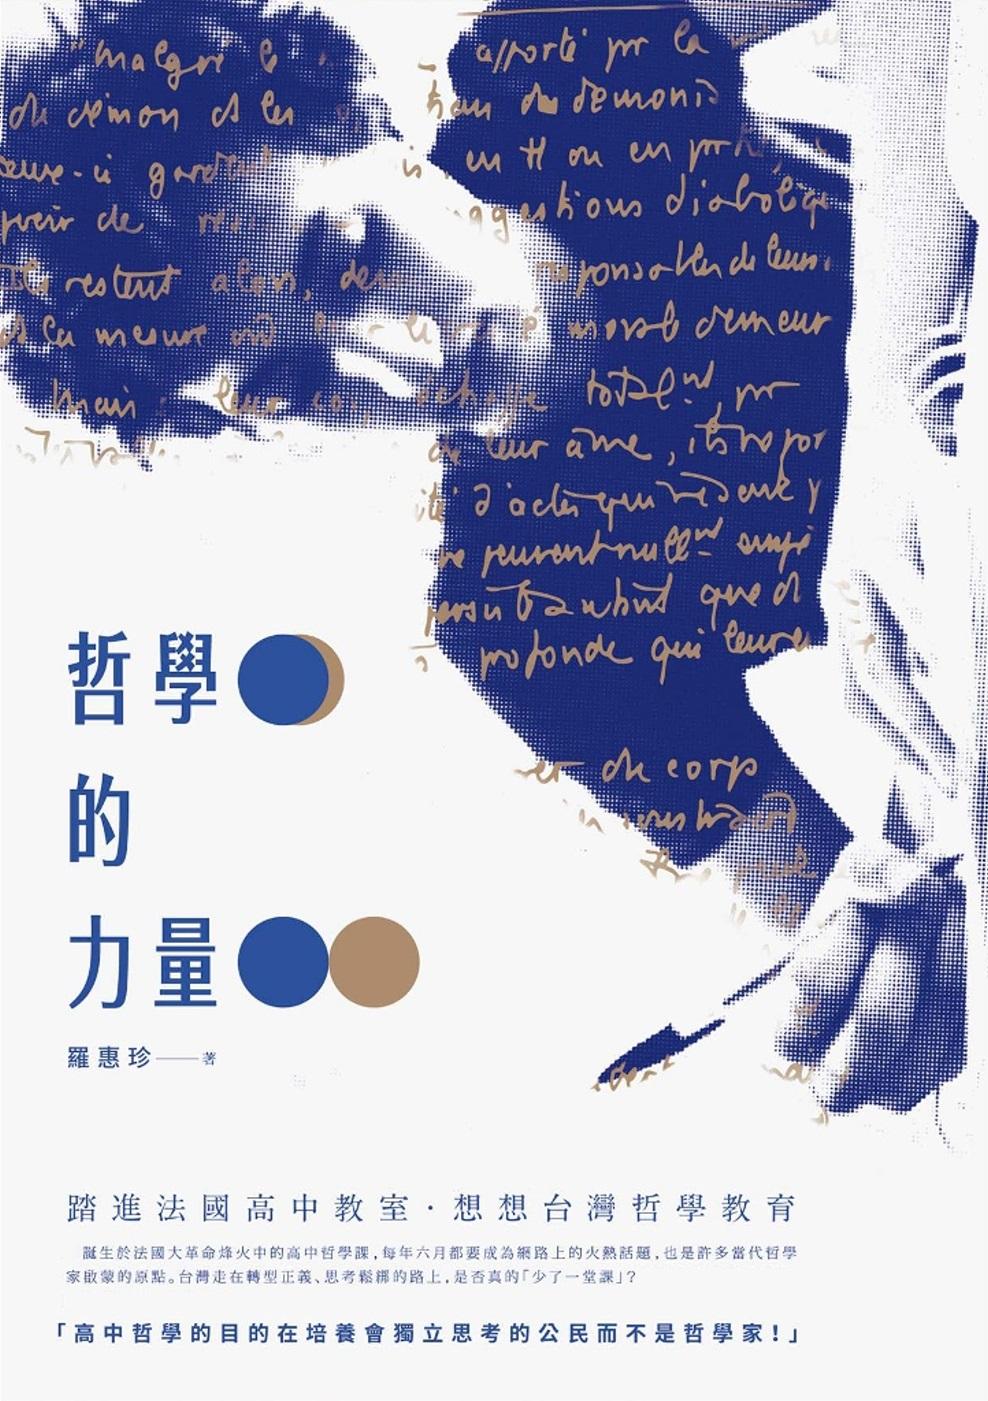 哲學的力量:踏進法國高中教室,想想台灣哲學教育